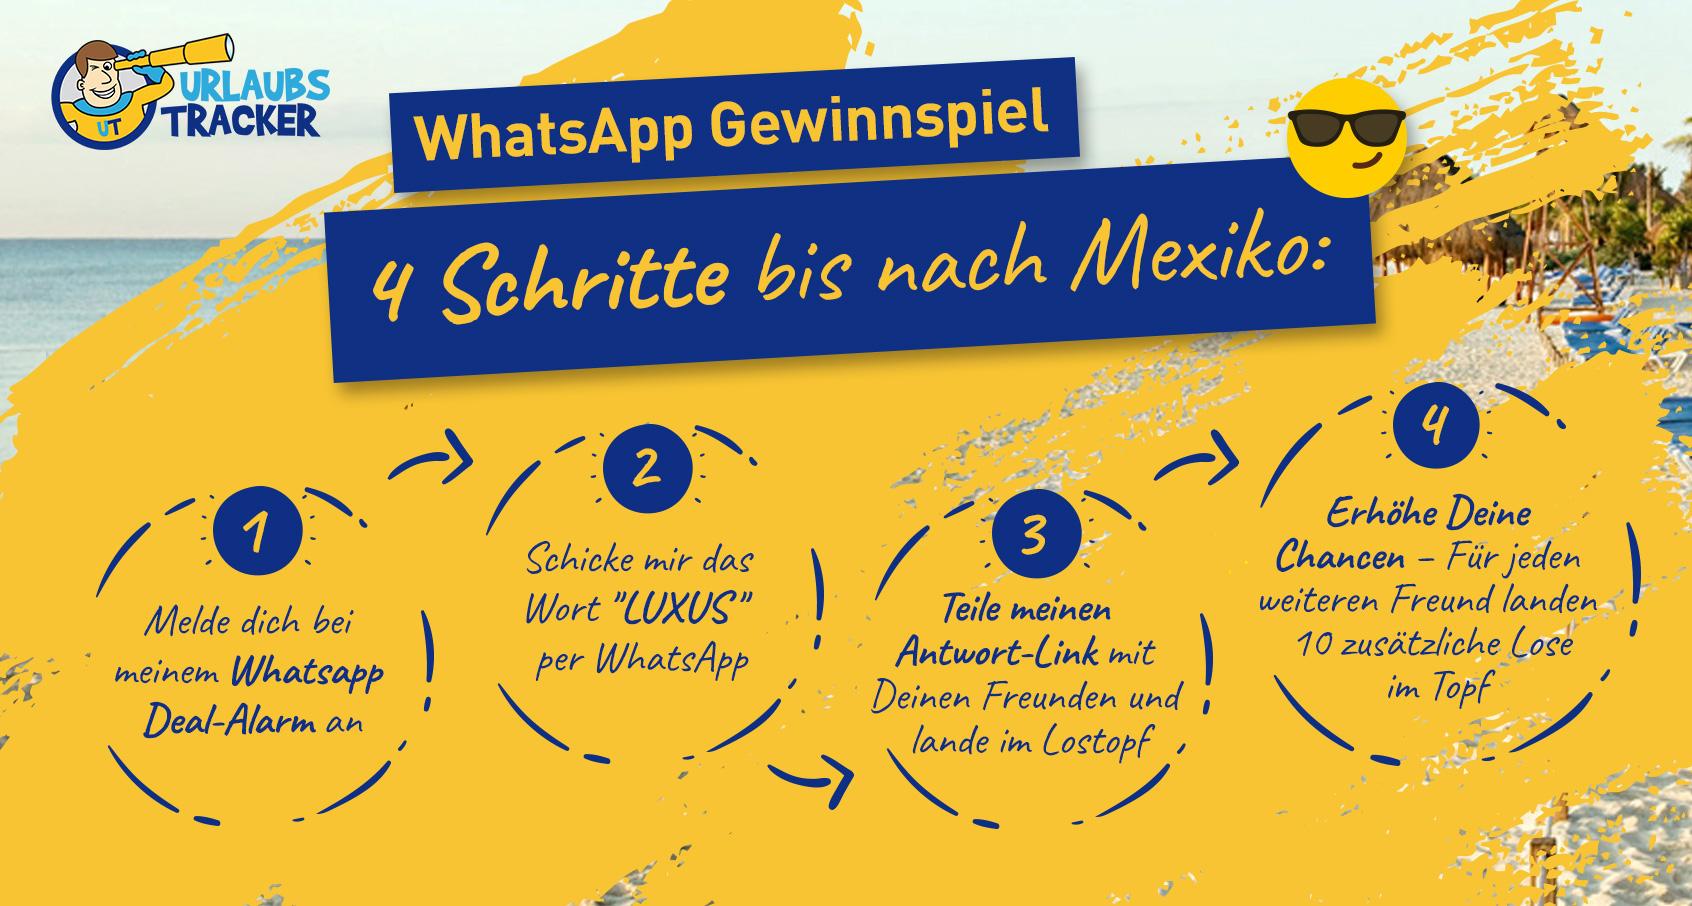 WhatsApp Gewinnspiel Info